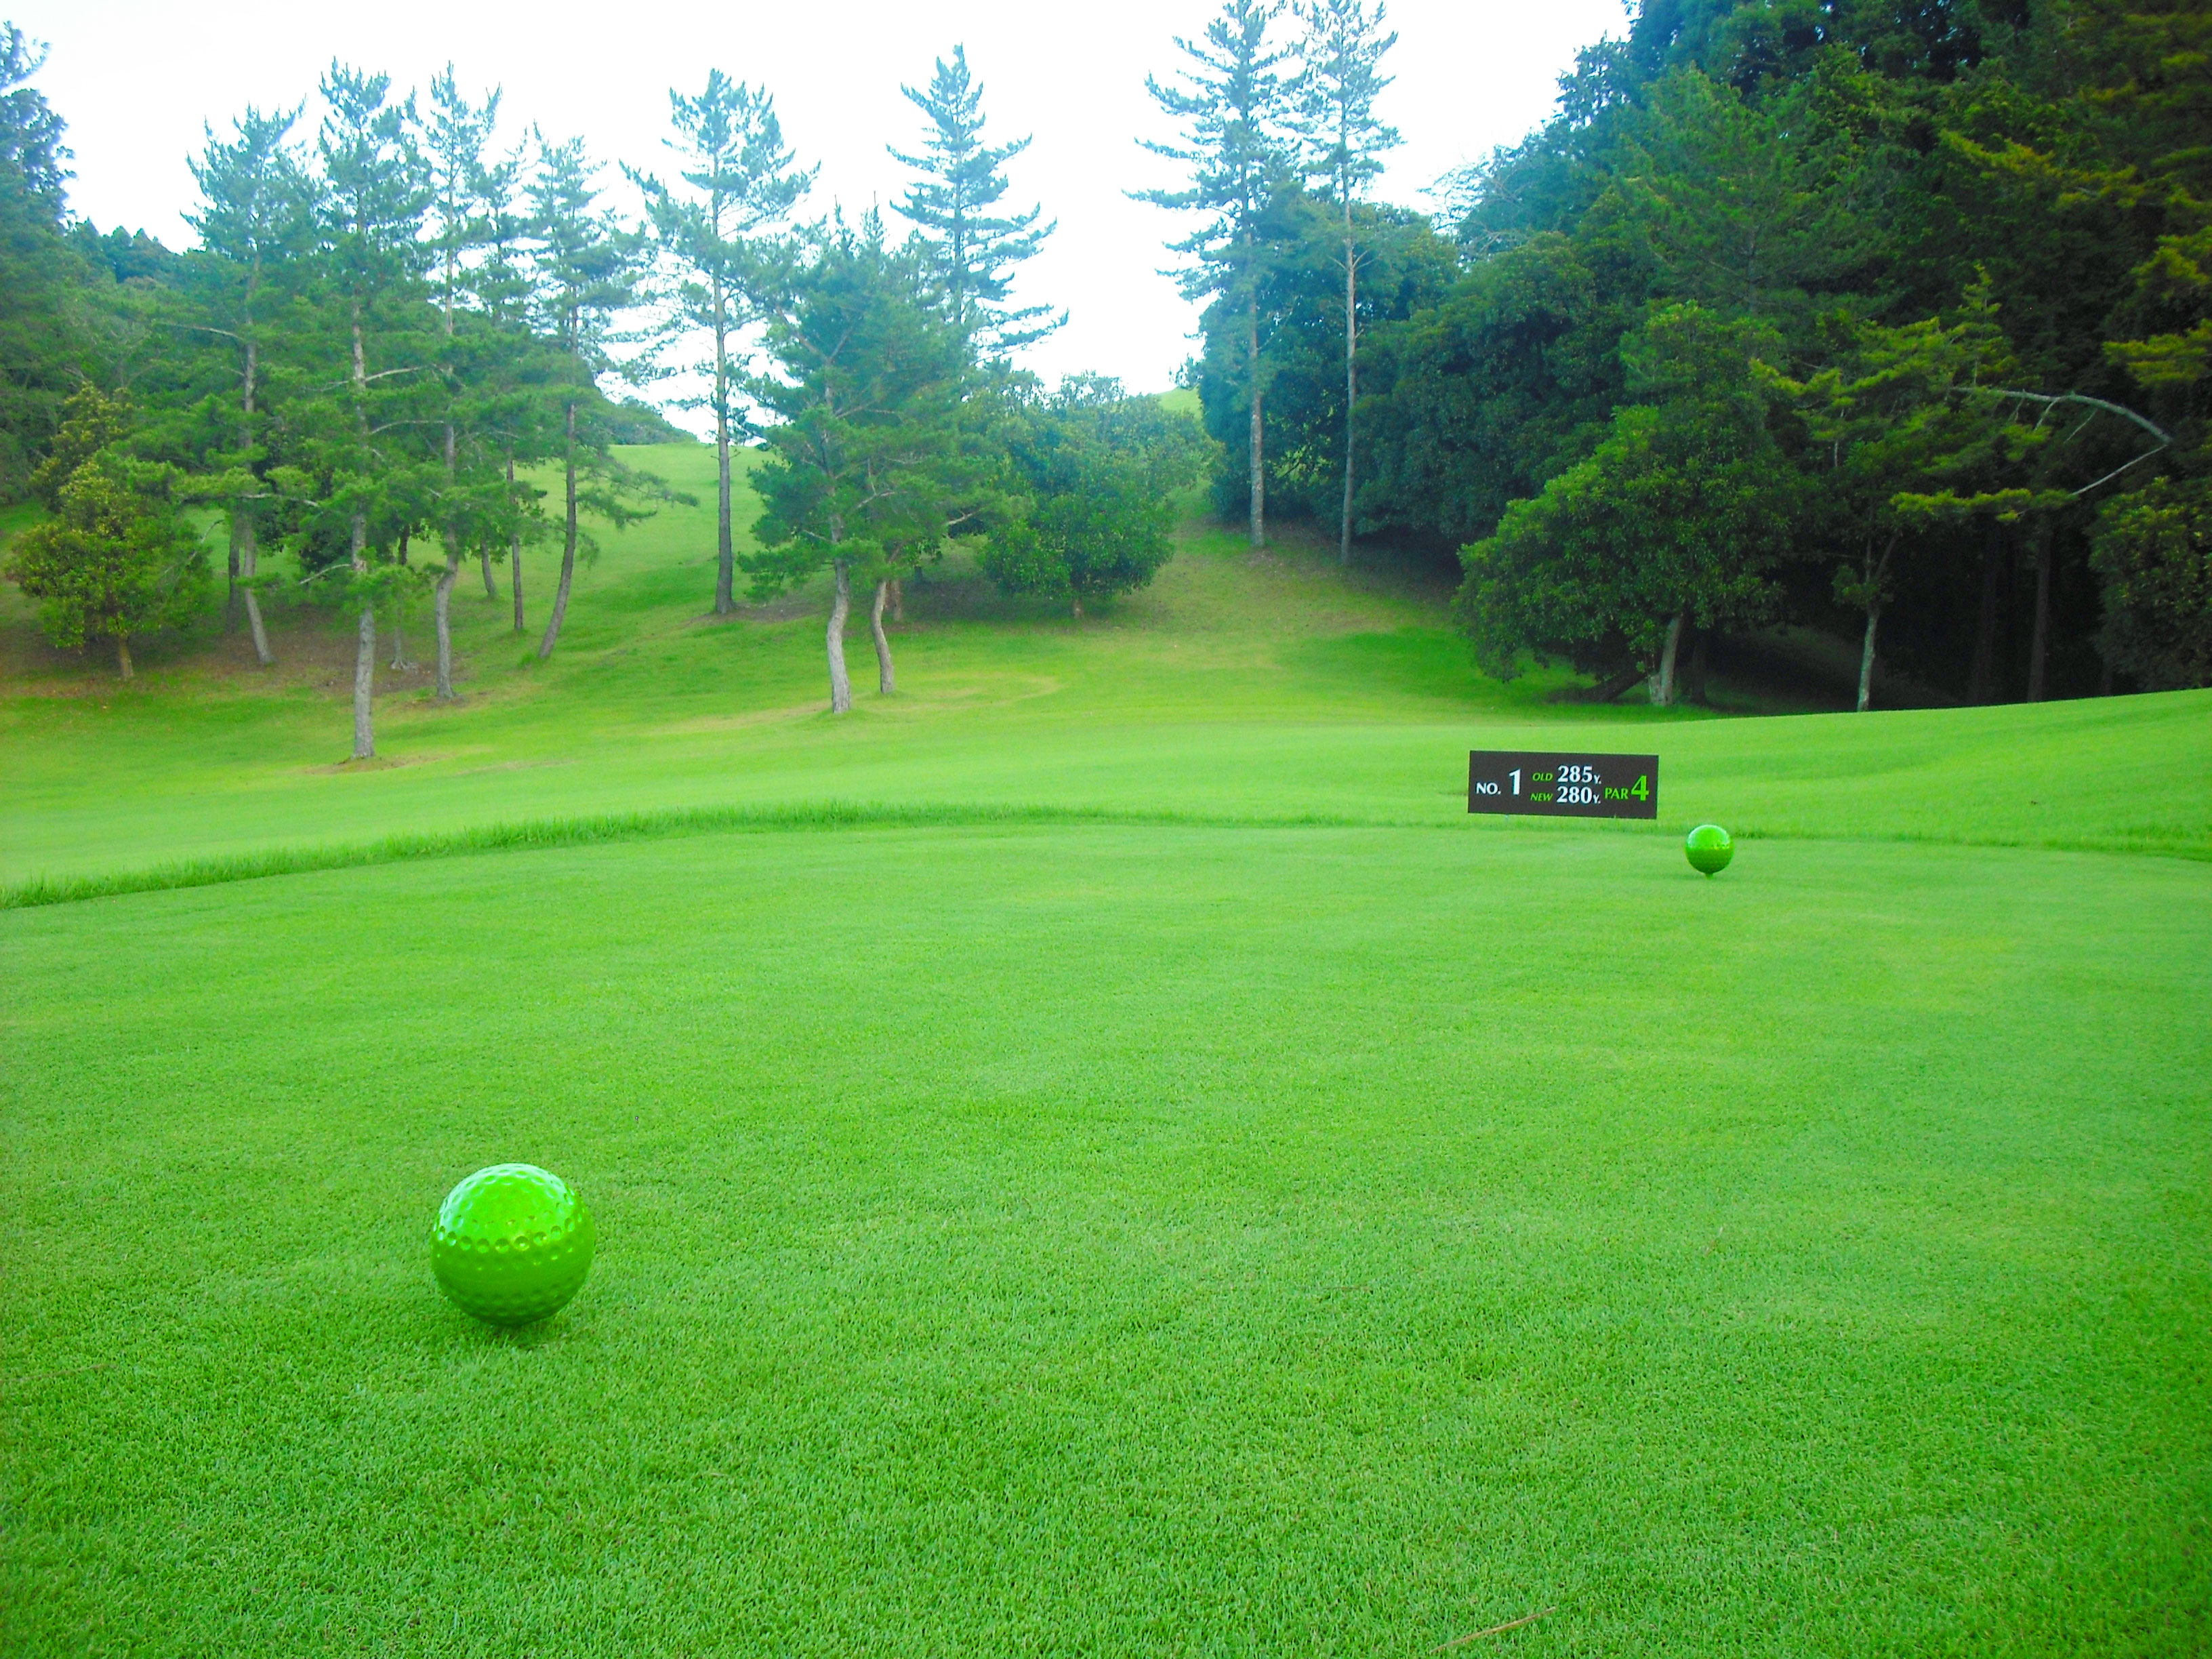 千葉夷隅ゴルフクラブ 写真